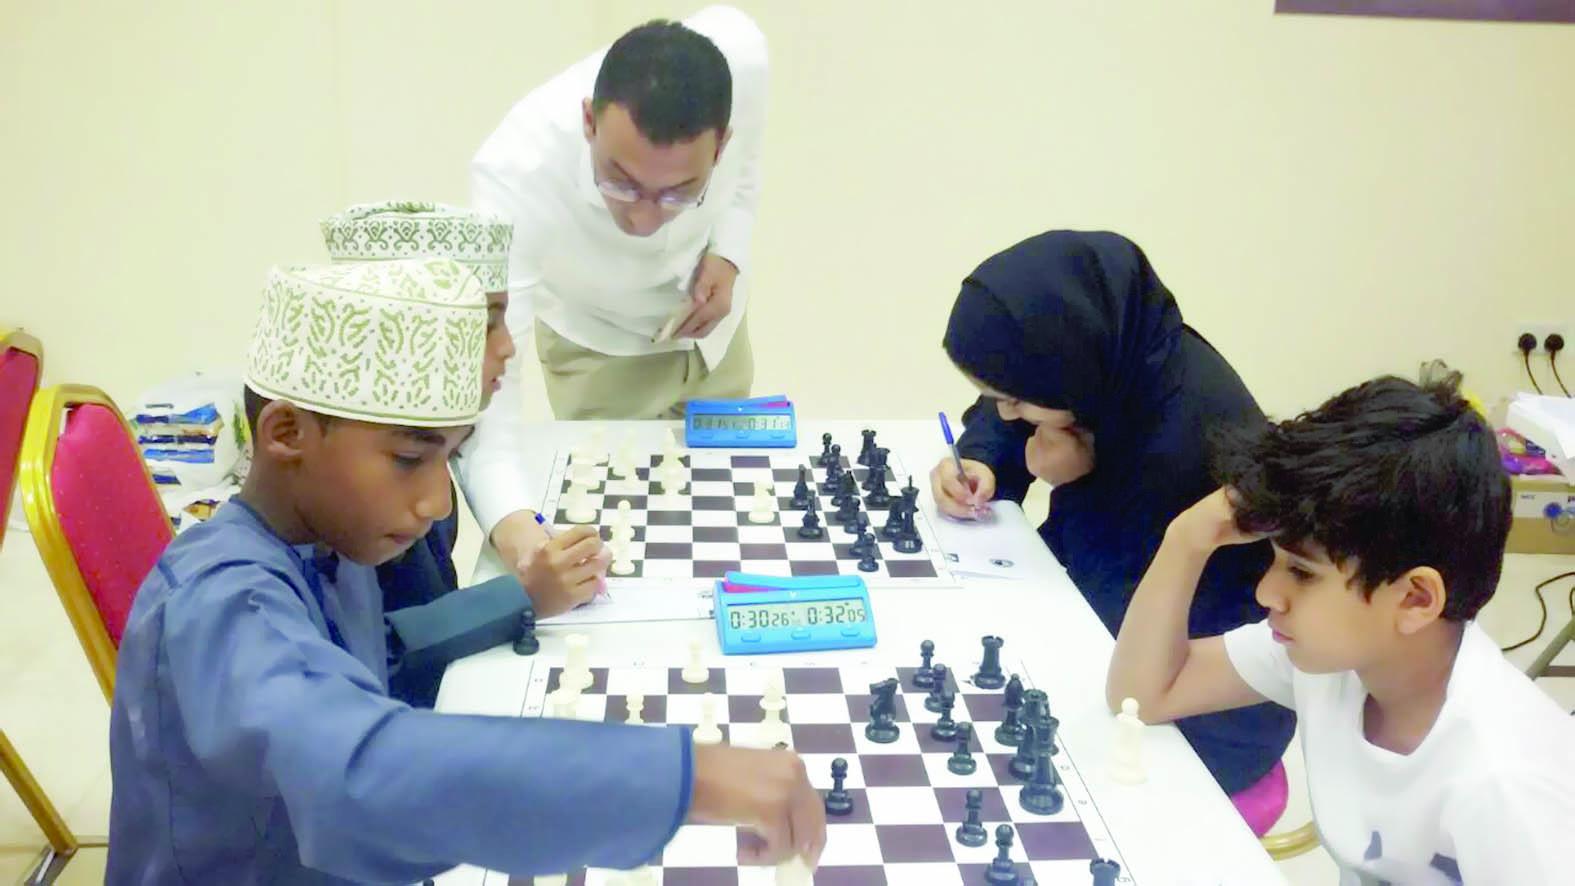 تنظمه اللجنة العمانية للشطرنجتواصل المعسكر الأول لمراكزإعداد ناشئي الشطرنج بنادي الأمل